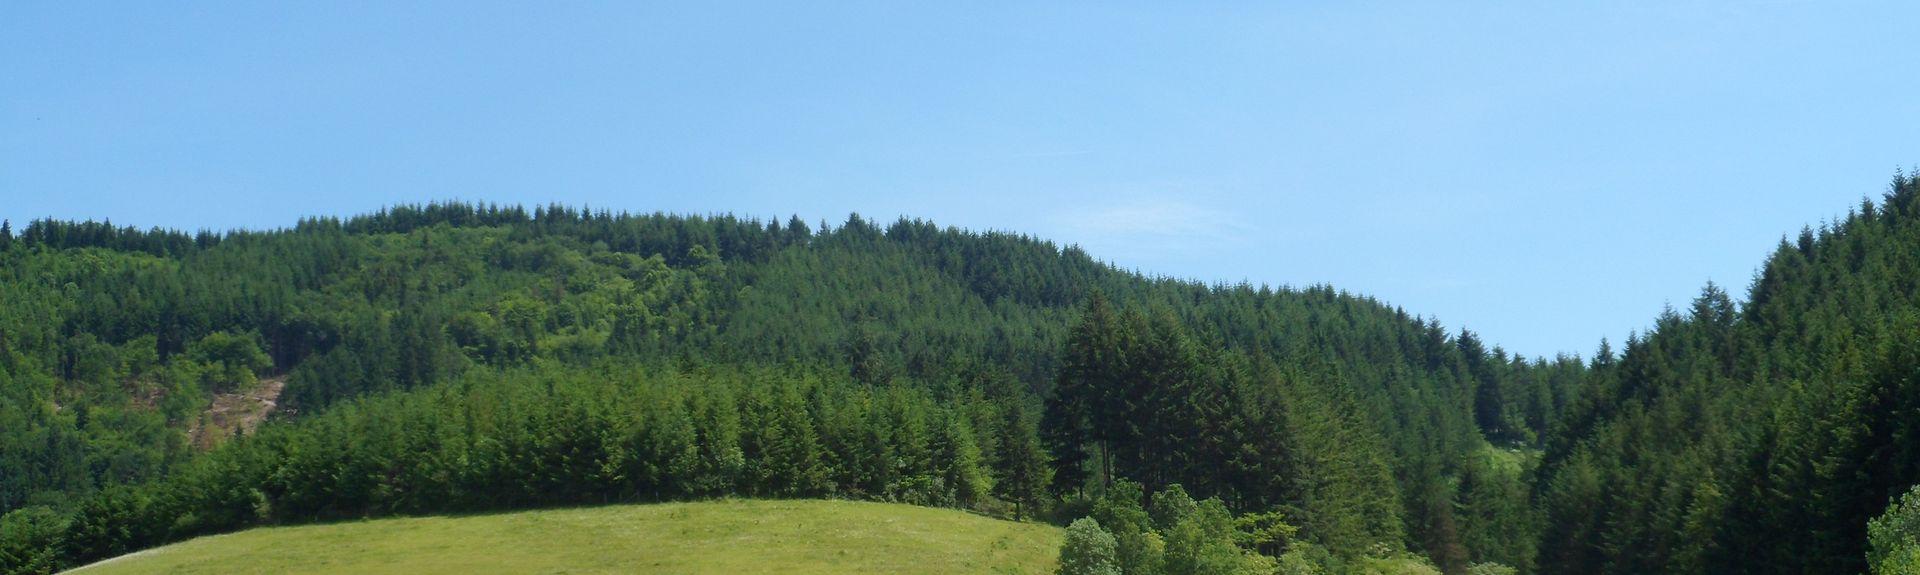 Propières, Auvergne-Rhône-Alpes, France